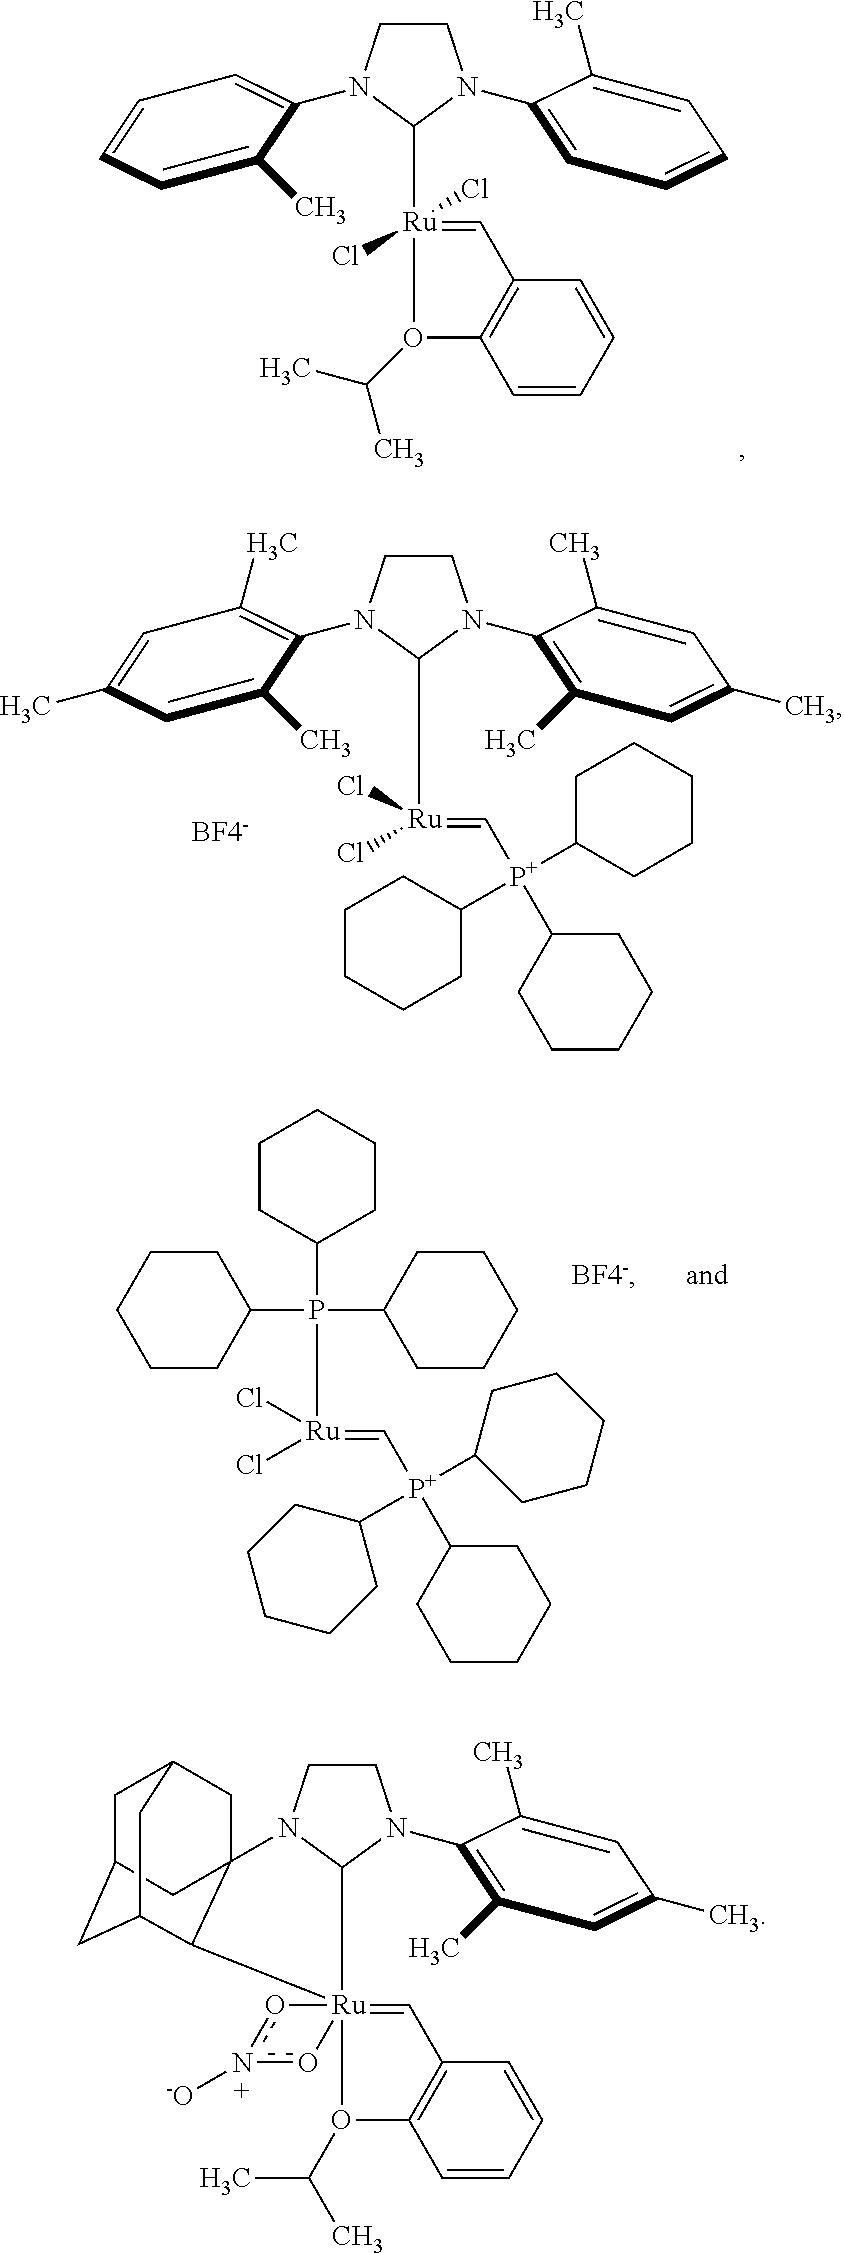 Figure US09593219-20170314-C00017